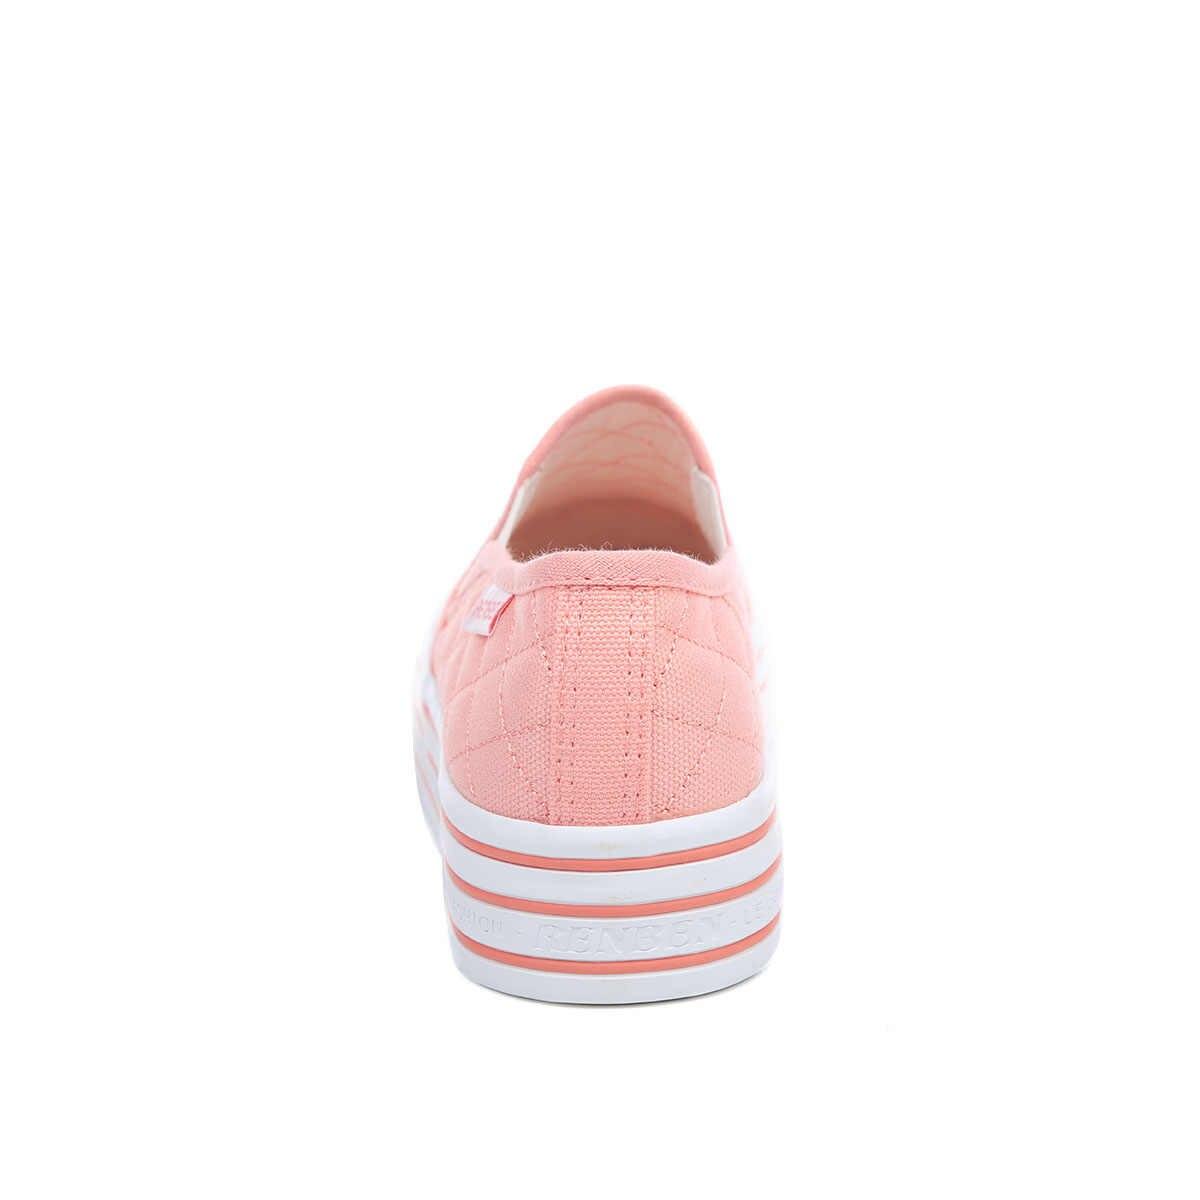 Nuove Donne Mocassini Scarpe Casual Tacchi Punta Rotonda Nero Rosa Fannullone Scarpe Autunno Donne di Conforto Scarpe